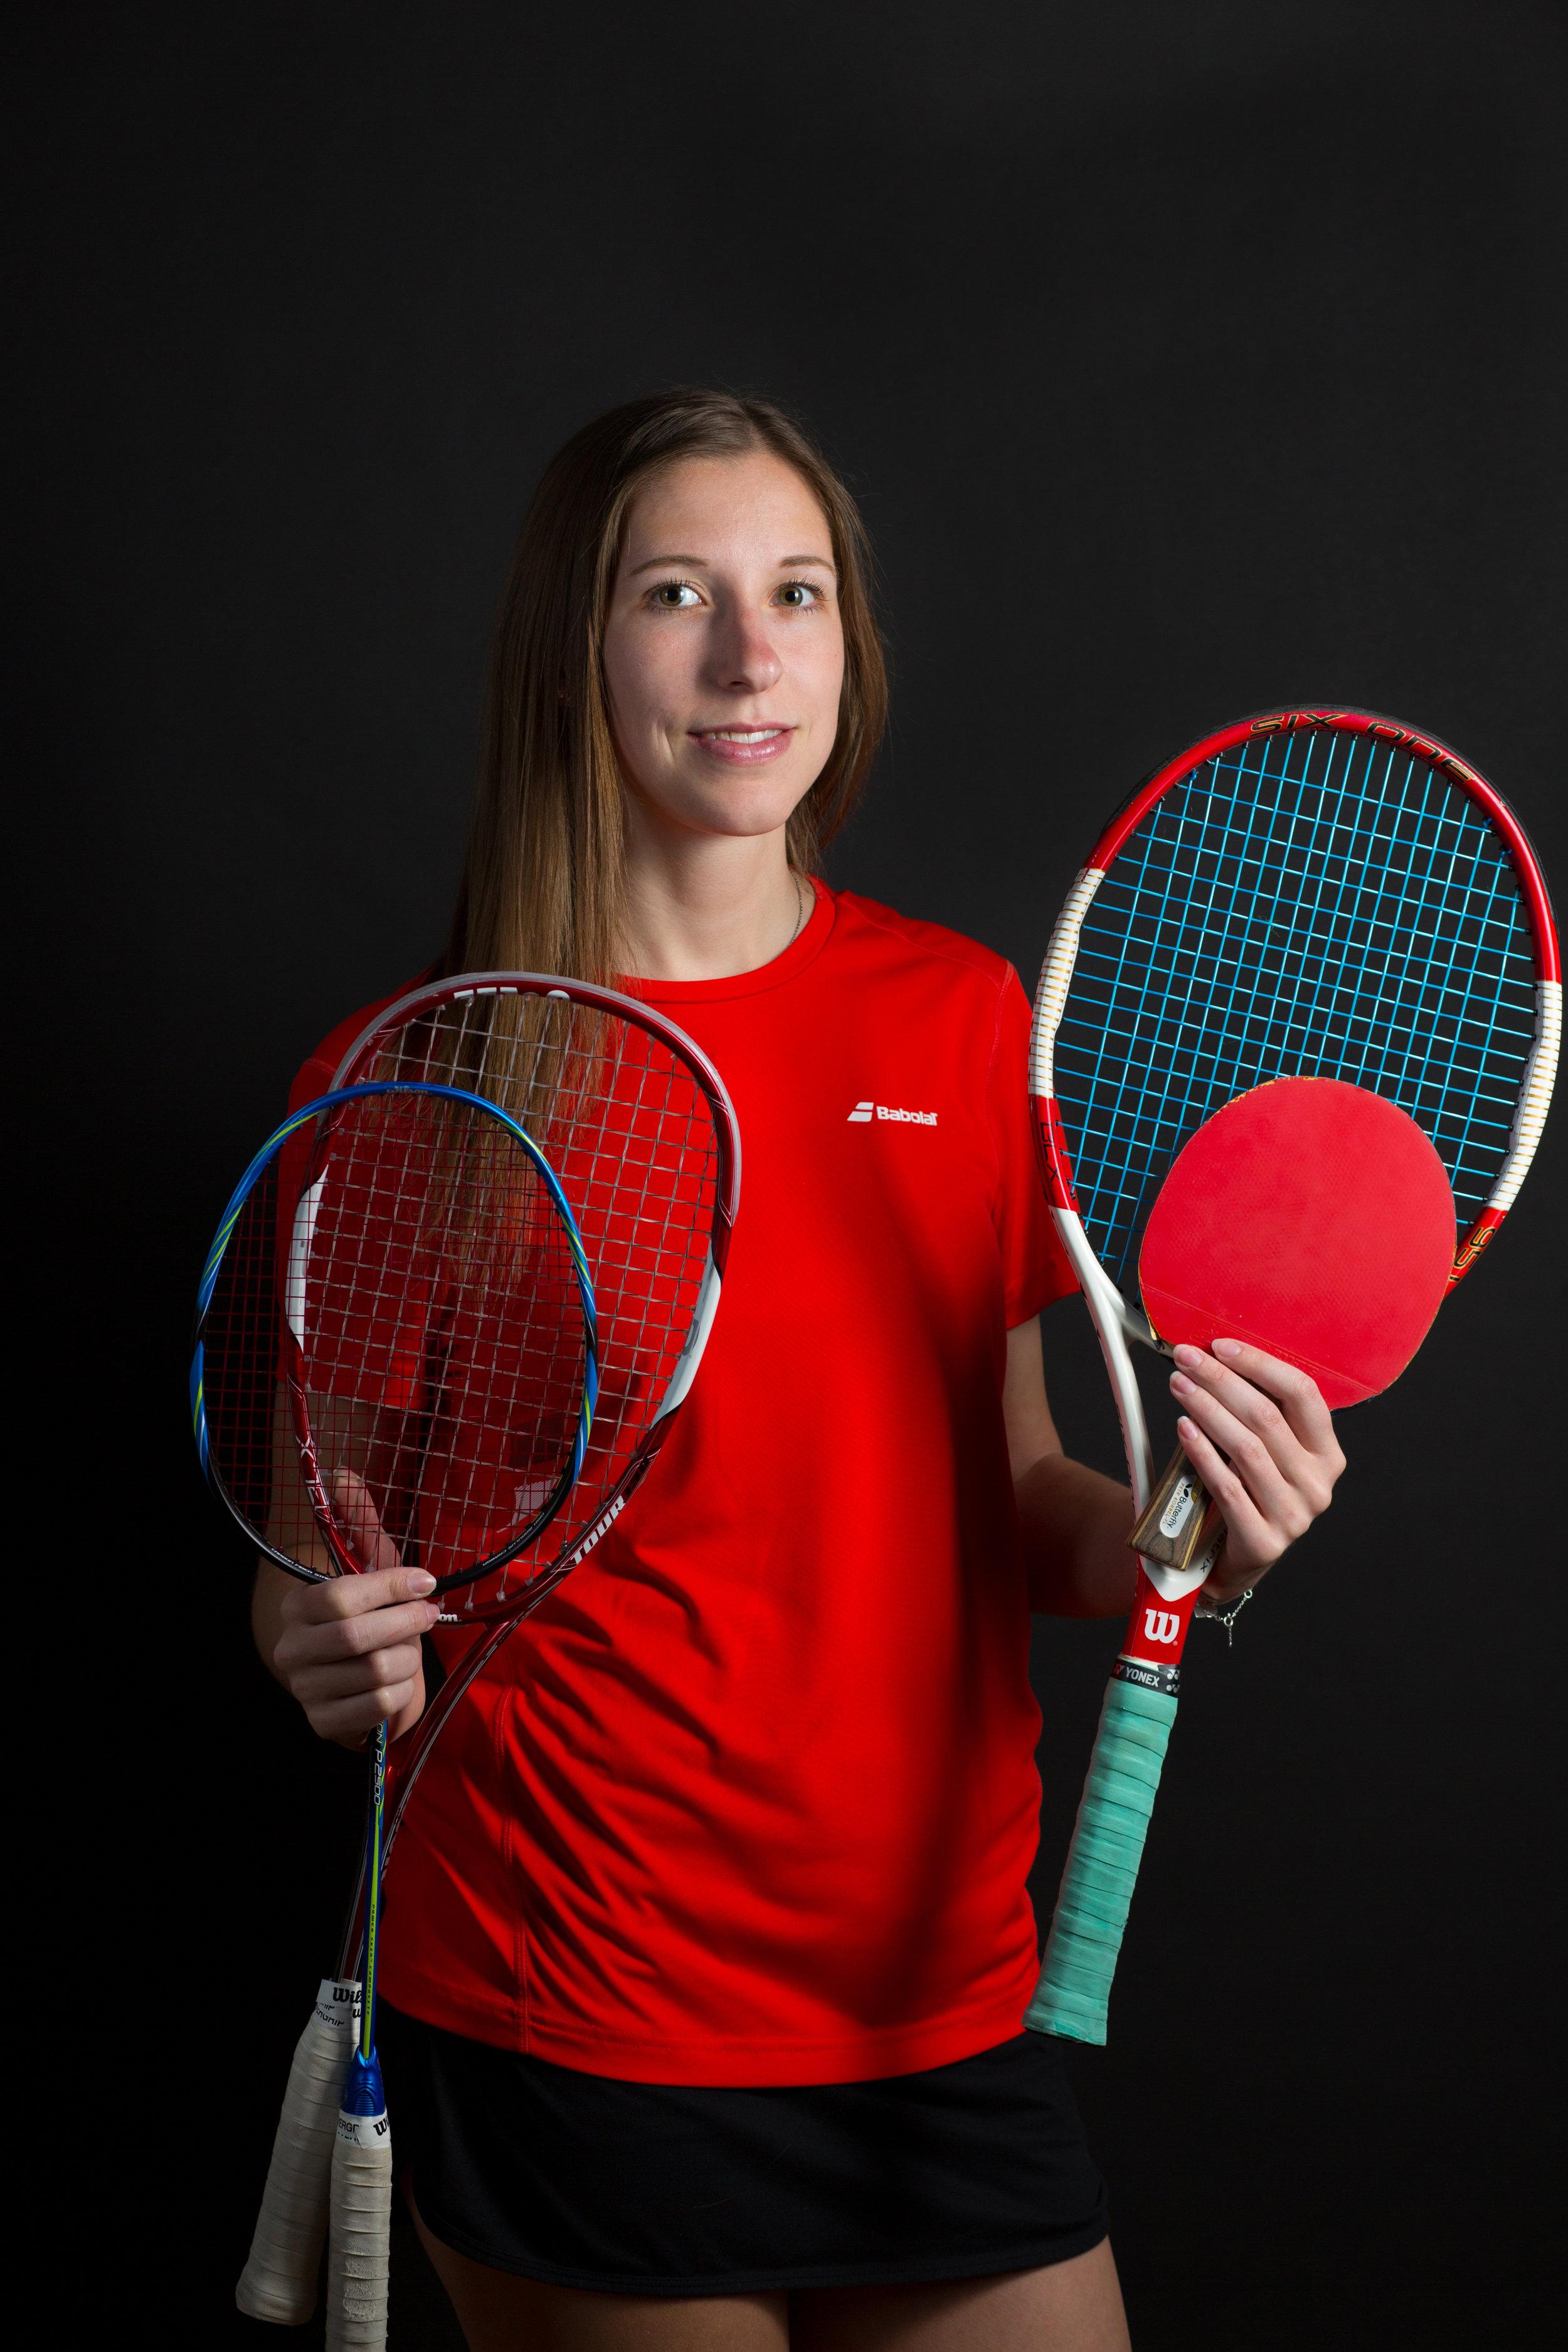 Mit den Weltmeistern die tollsten Racket-Sportarten ausprobieren – das gibt's nur mit der Sportbox! - CHRISTINE SEEHOFER